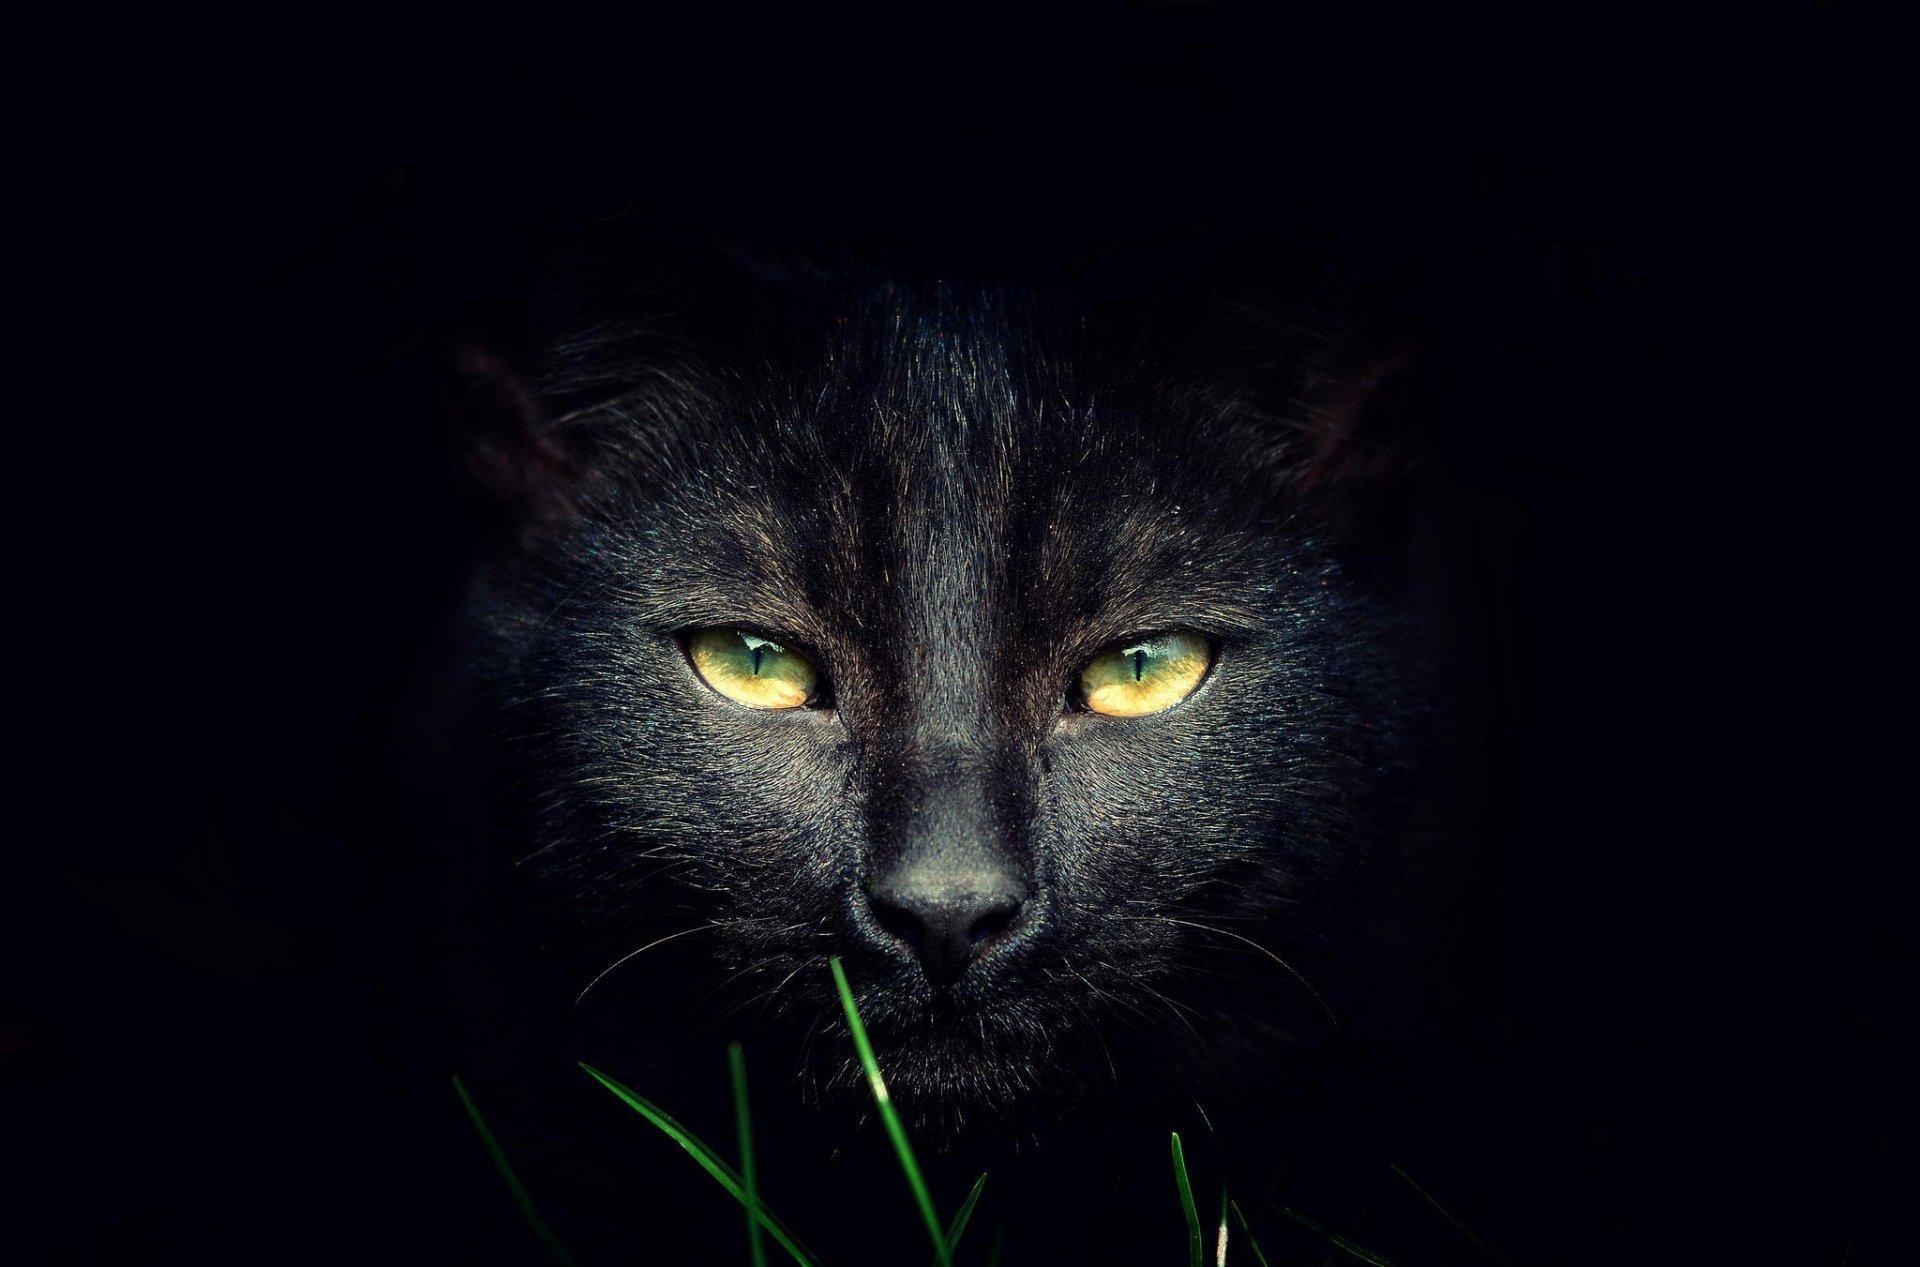 обои на рабочий стол глаза кошки на темном фоне № 237981 без смс